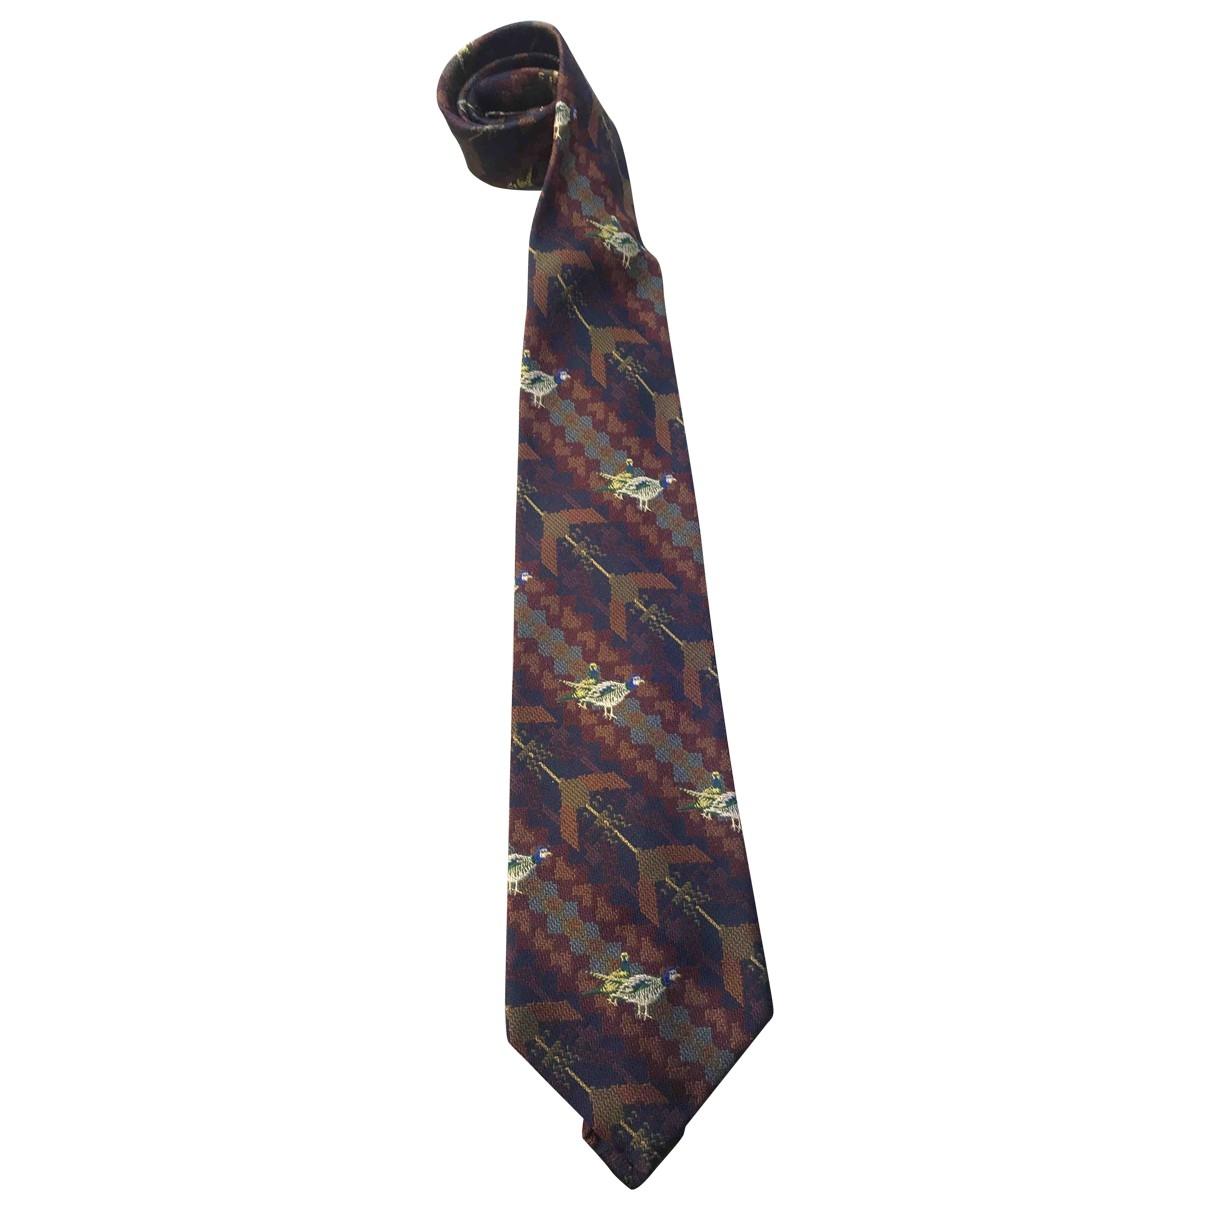 Polo Ralph Lauren - Cravates   pour homme en soie - multicolore